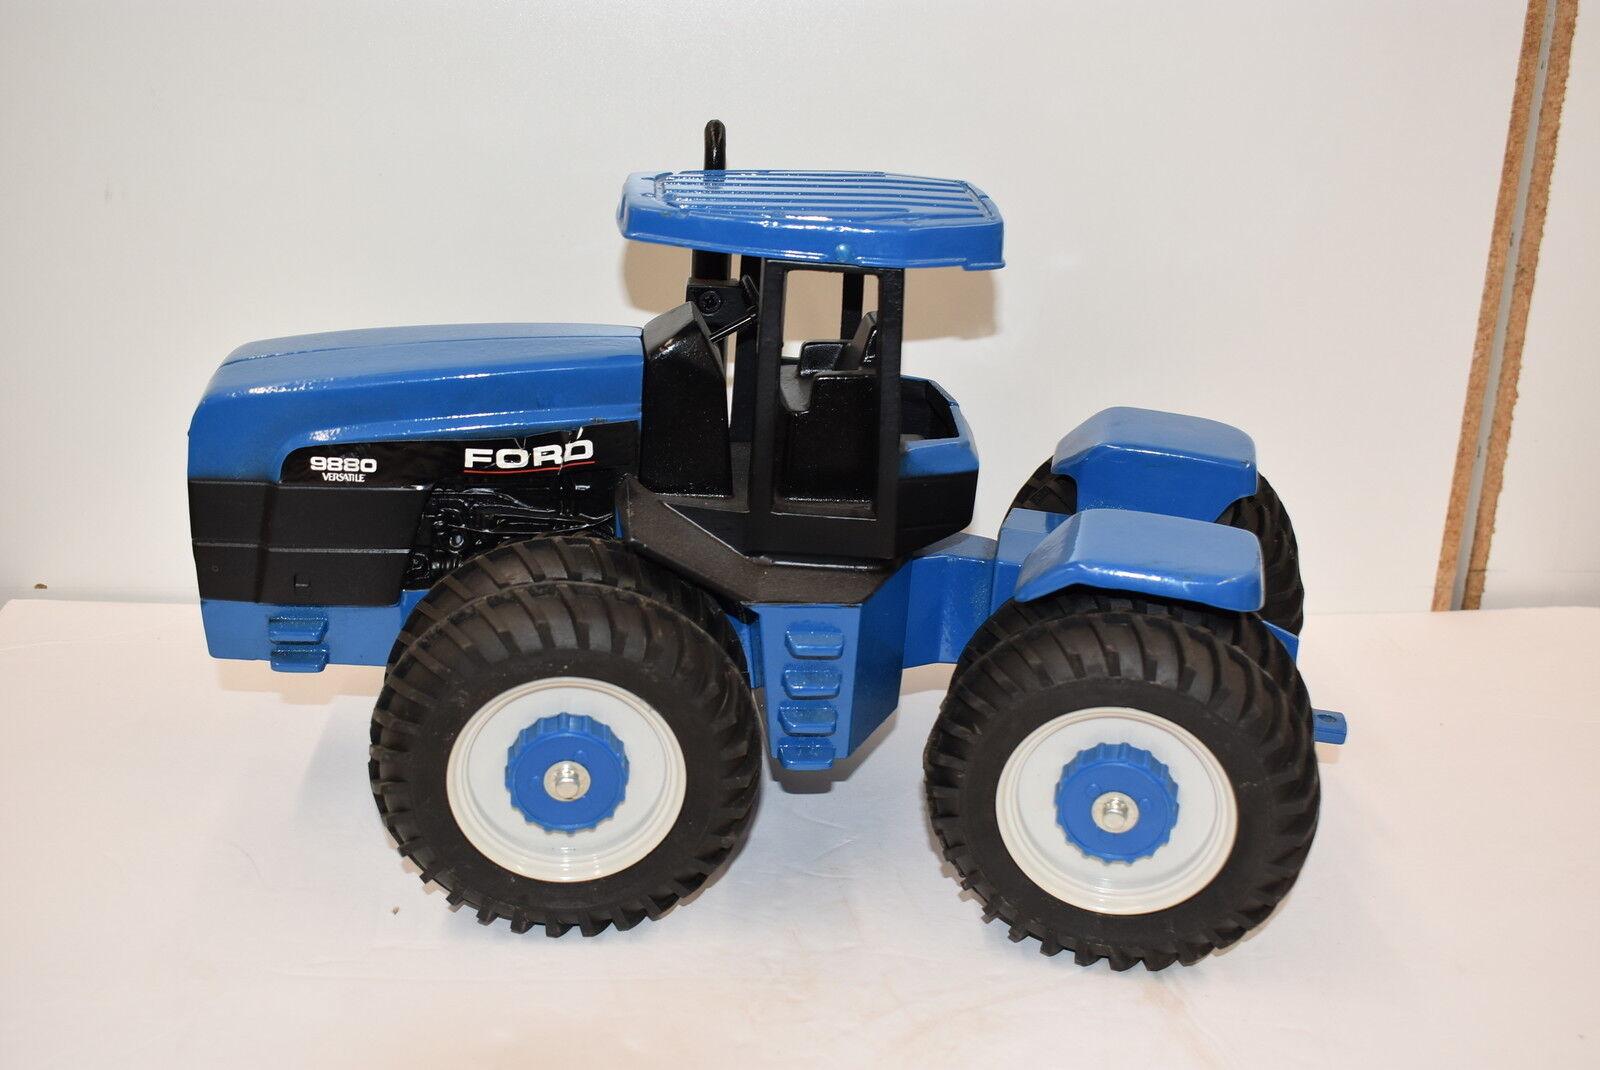 1 16 Ford versatille 9880 4x4 Tracteur par Scale Models, très belle difficile à trouver